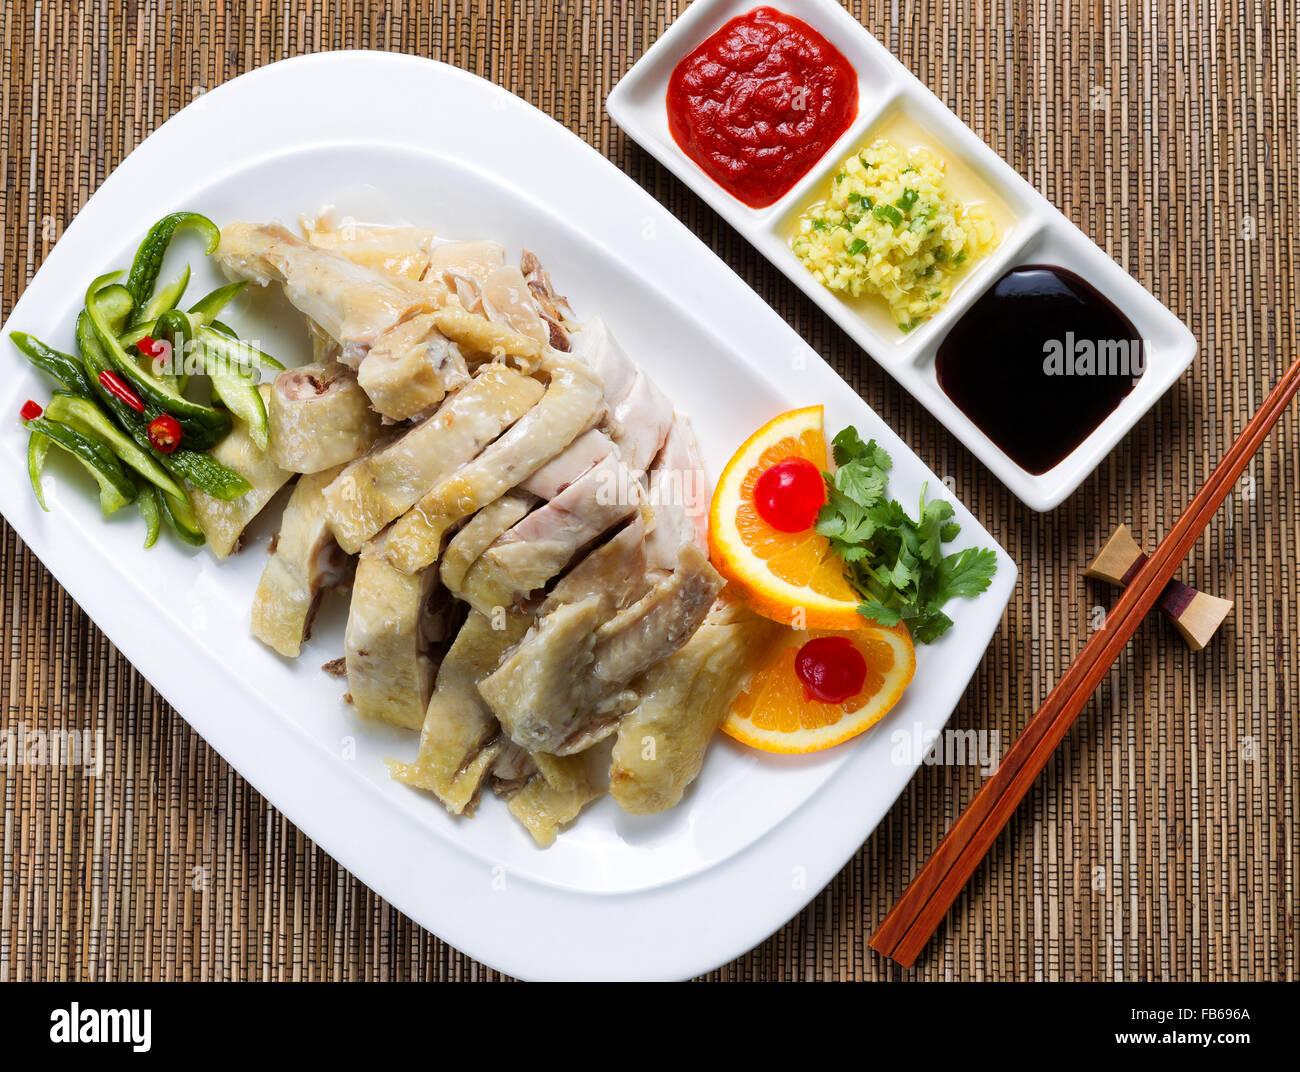 Vue de dessus du poulet rôti en tranches et les légumes avec des trempettes. Tapis bambou sous le plat. Photo Stock